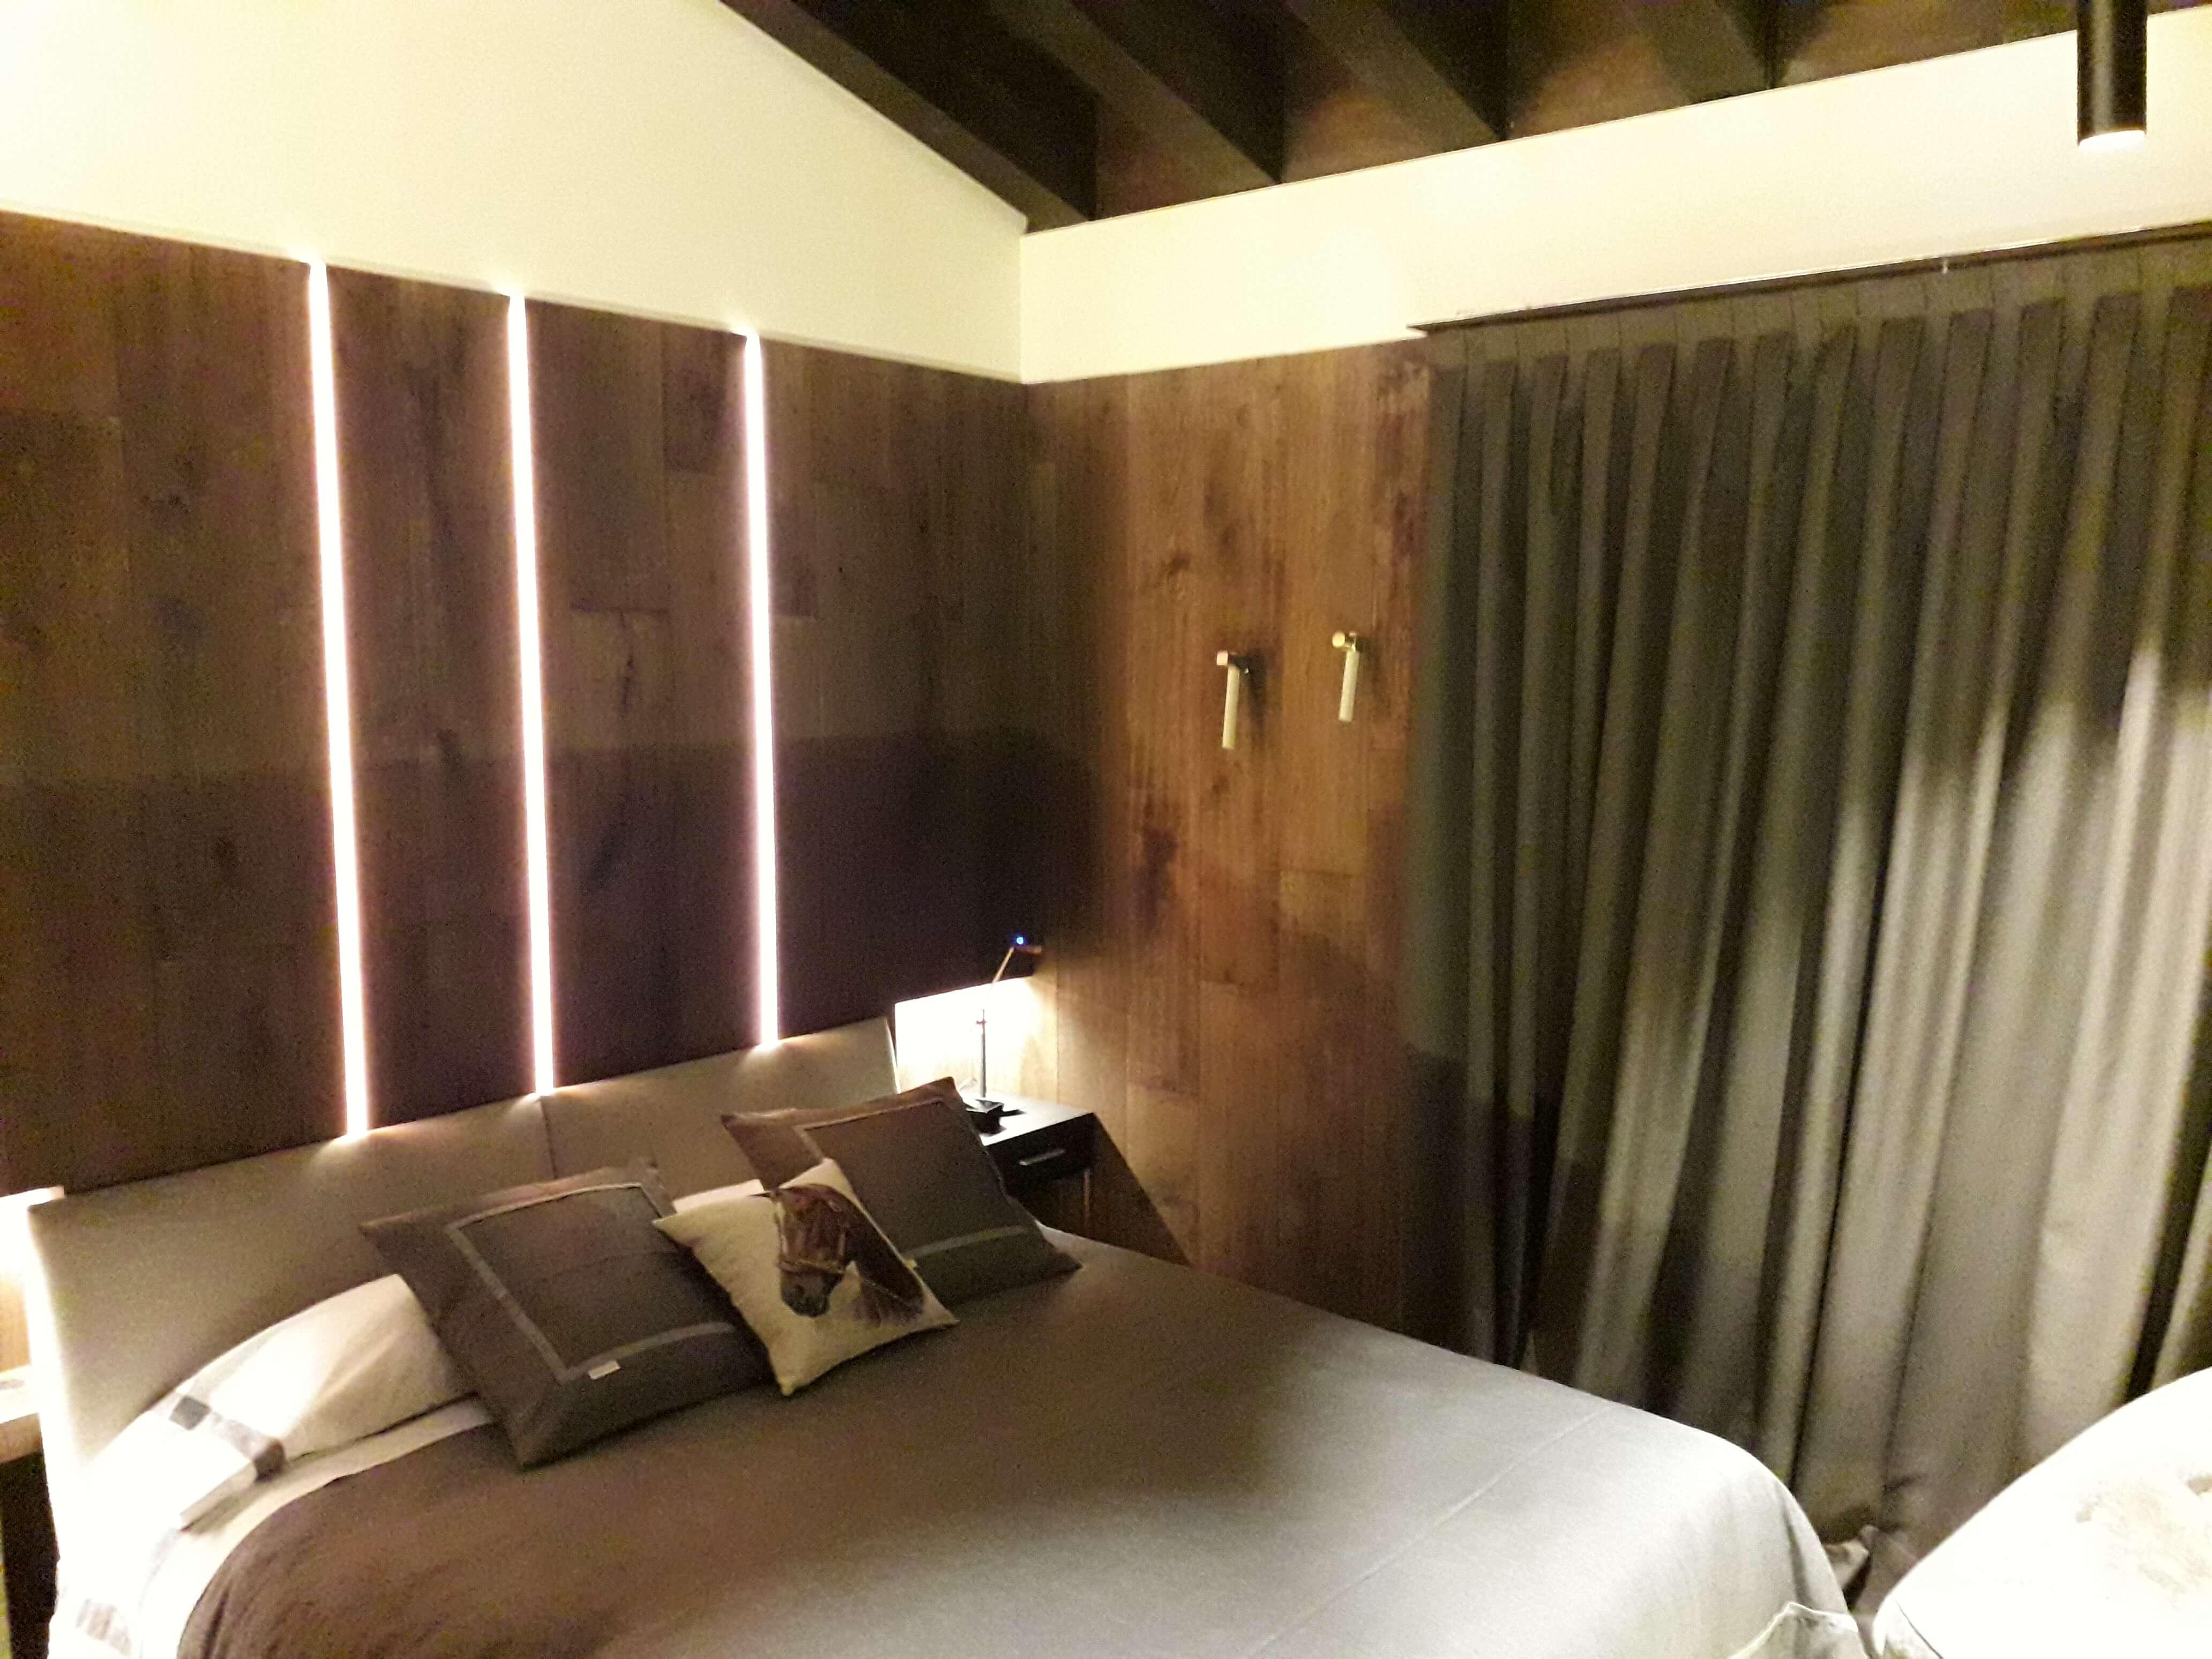 Iluminacion dormitorio casa rubielos de mora teruel - Inel